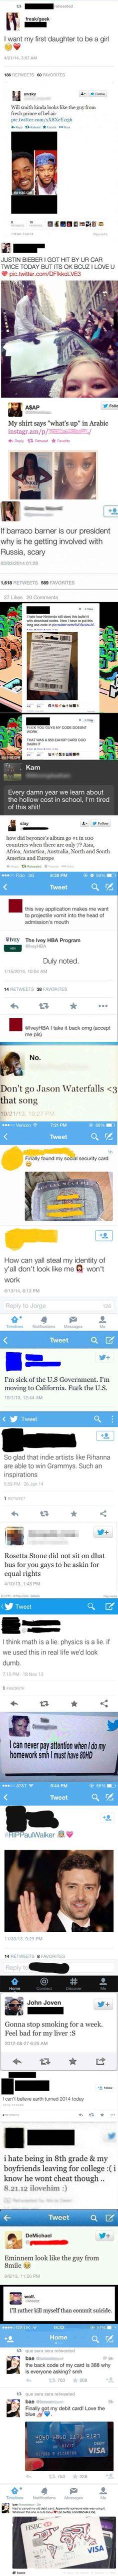 23 Of The Dumbest Tweets Ever Tweeted